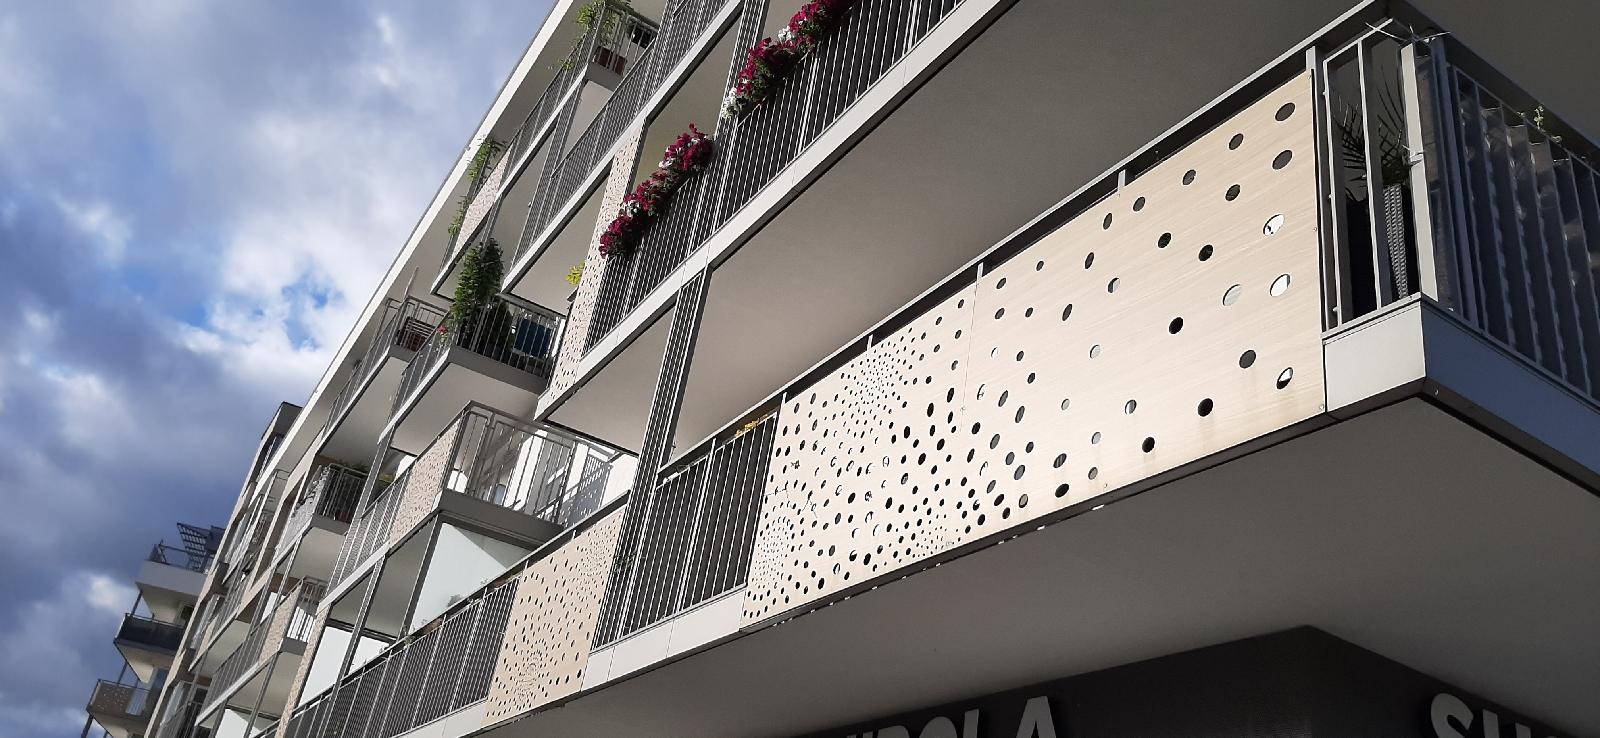 Balustrada balkonu ażurowa ozdobna z hpl